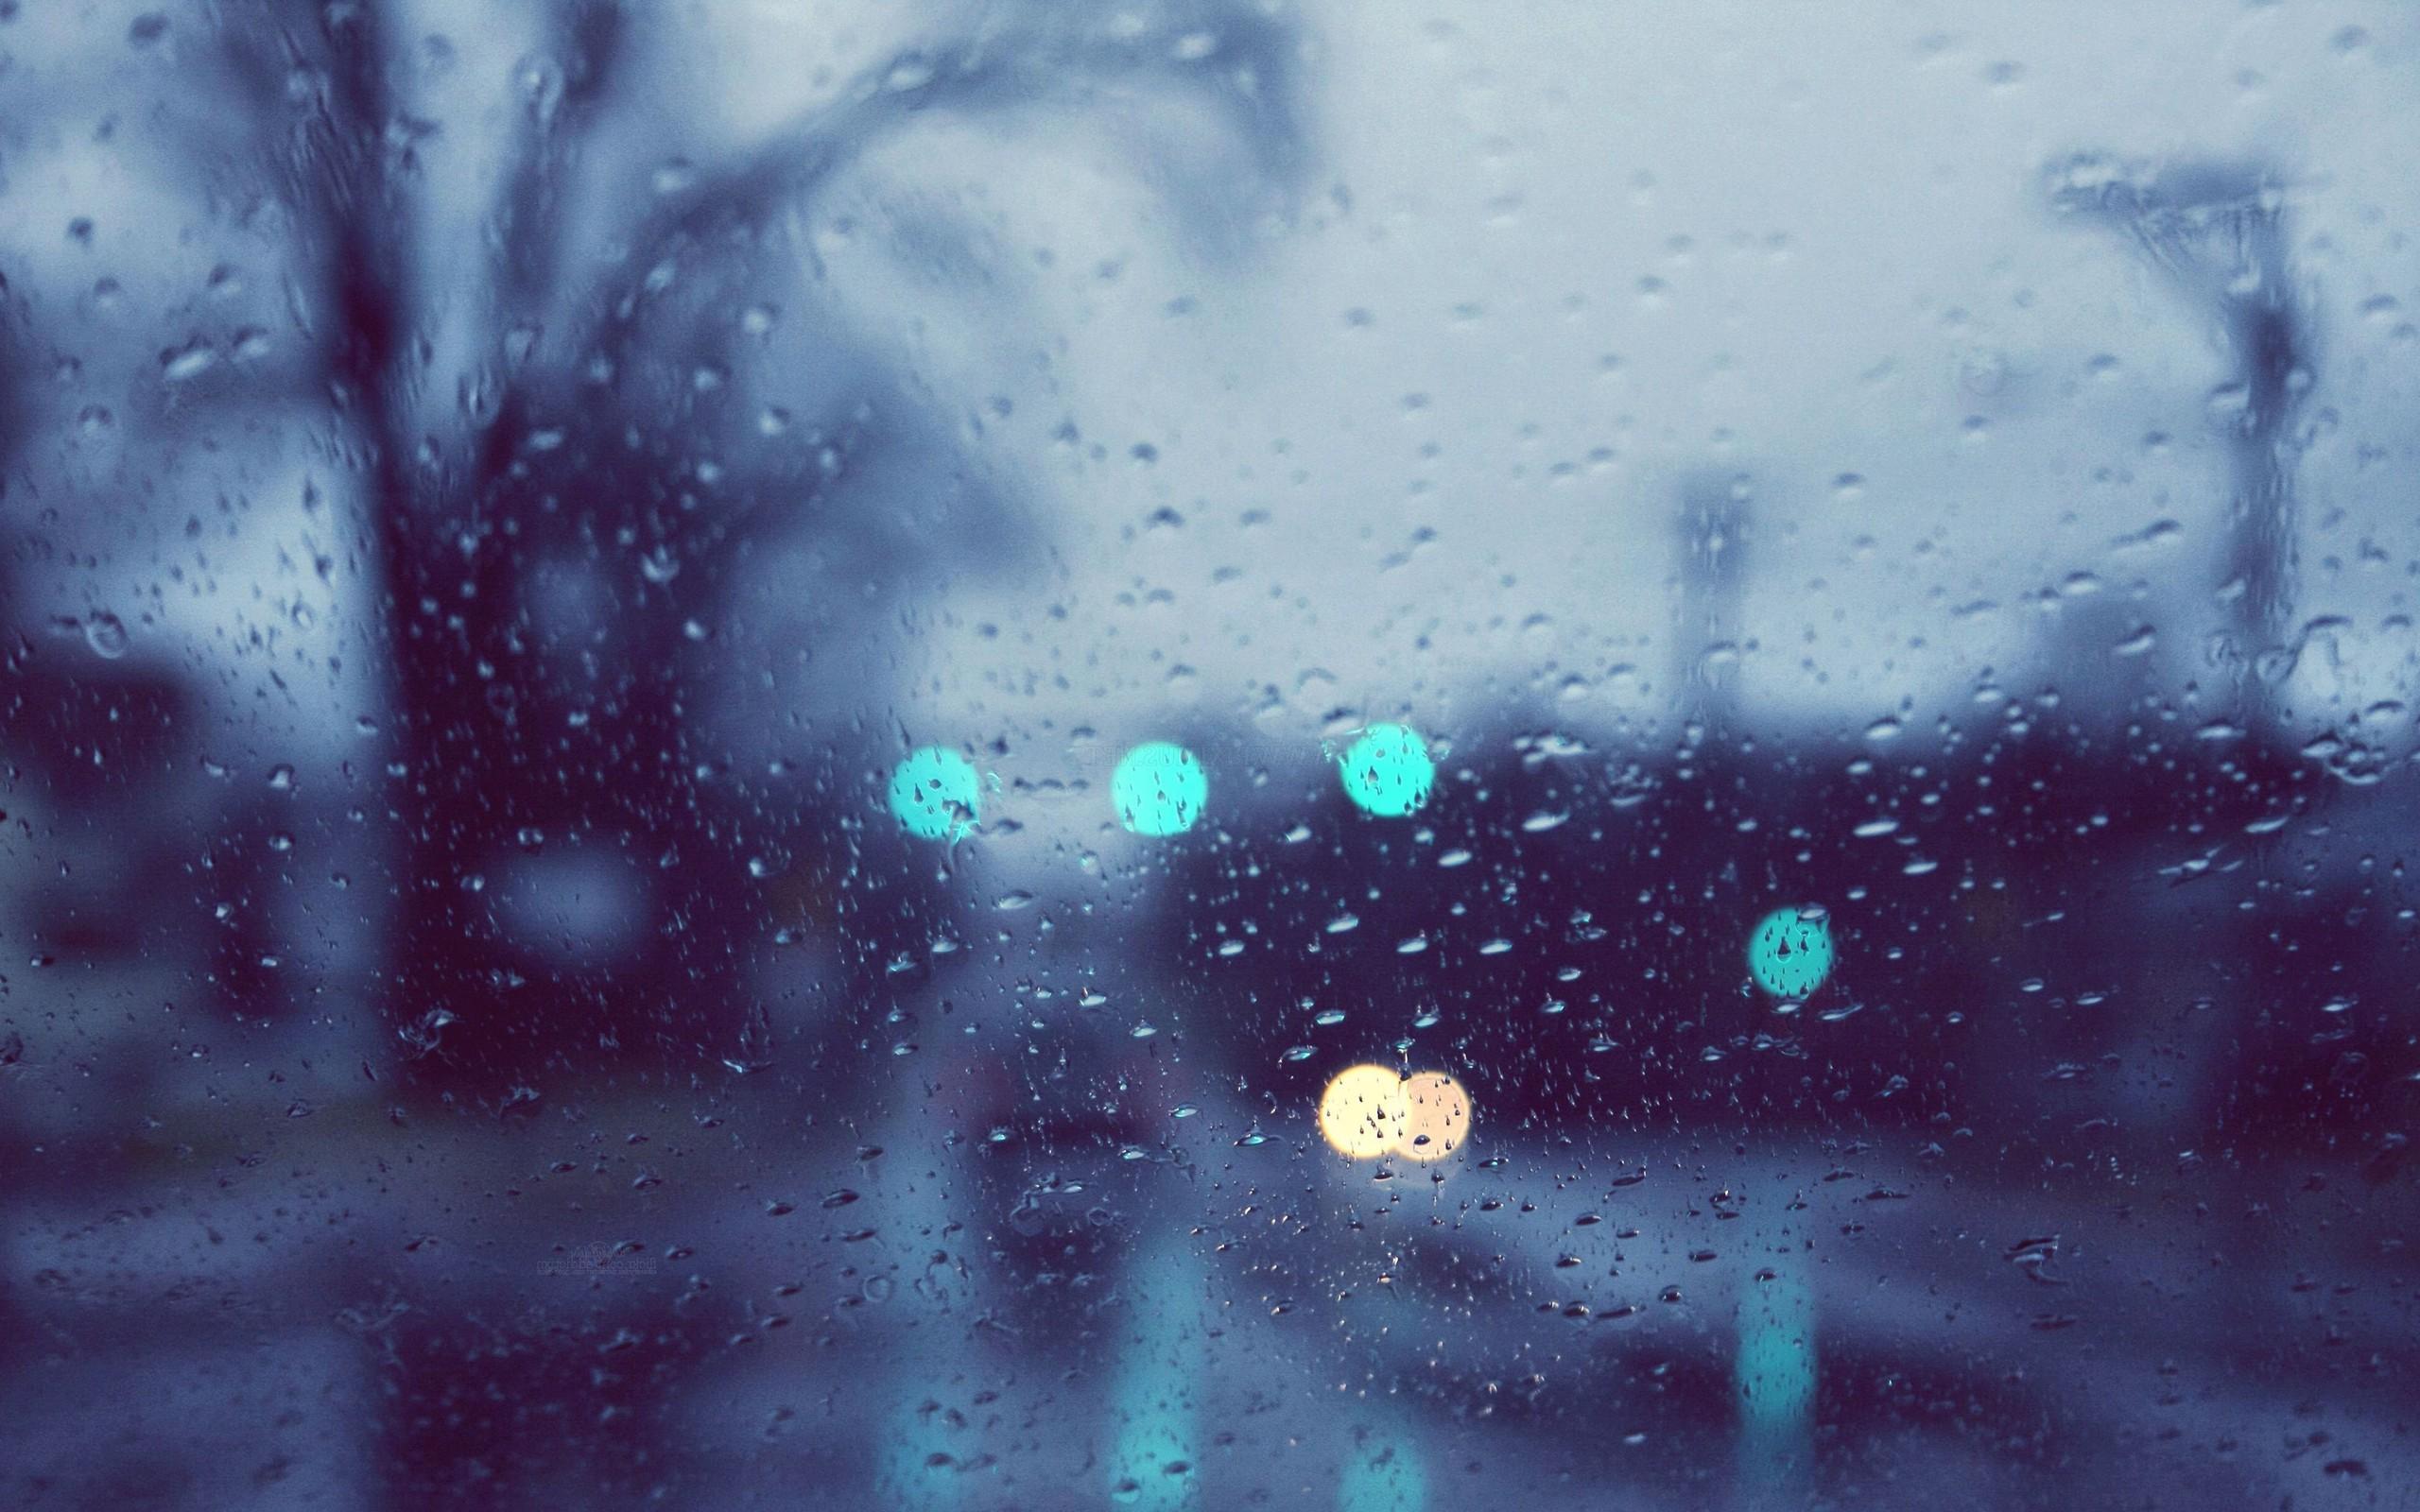 Streets Rain Wallpaper 2560x1600 Streets Rain Rain On Glass 2560x1600